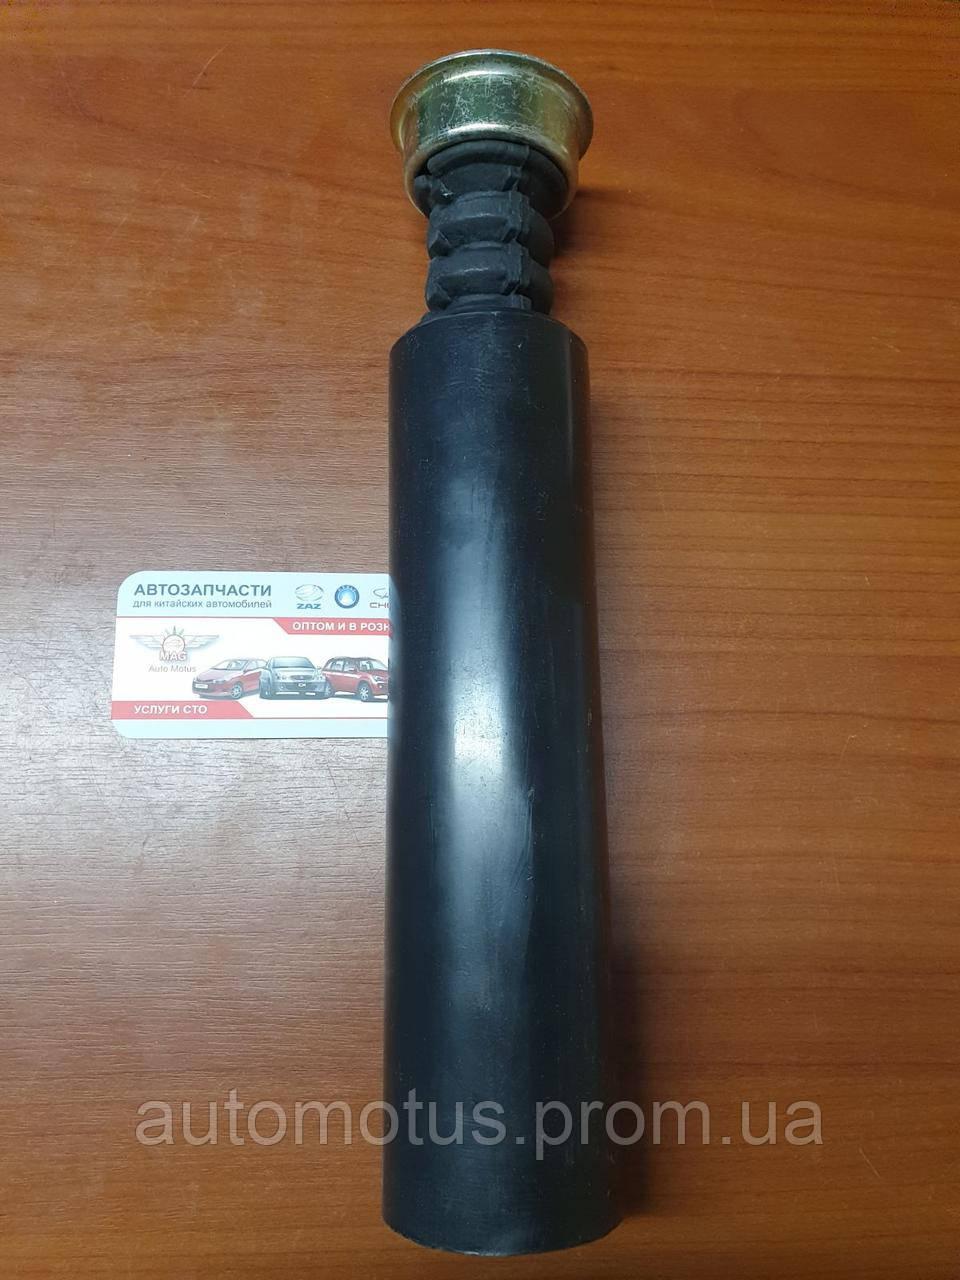 Пыльник с отбойником заднего амортизатора MK/MK2/MK cross